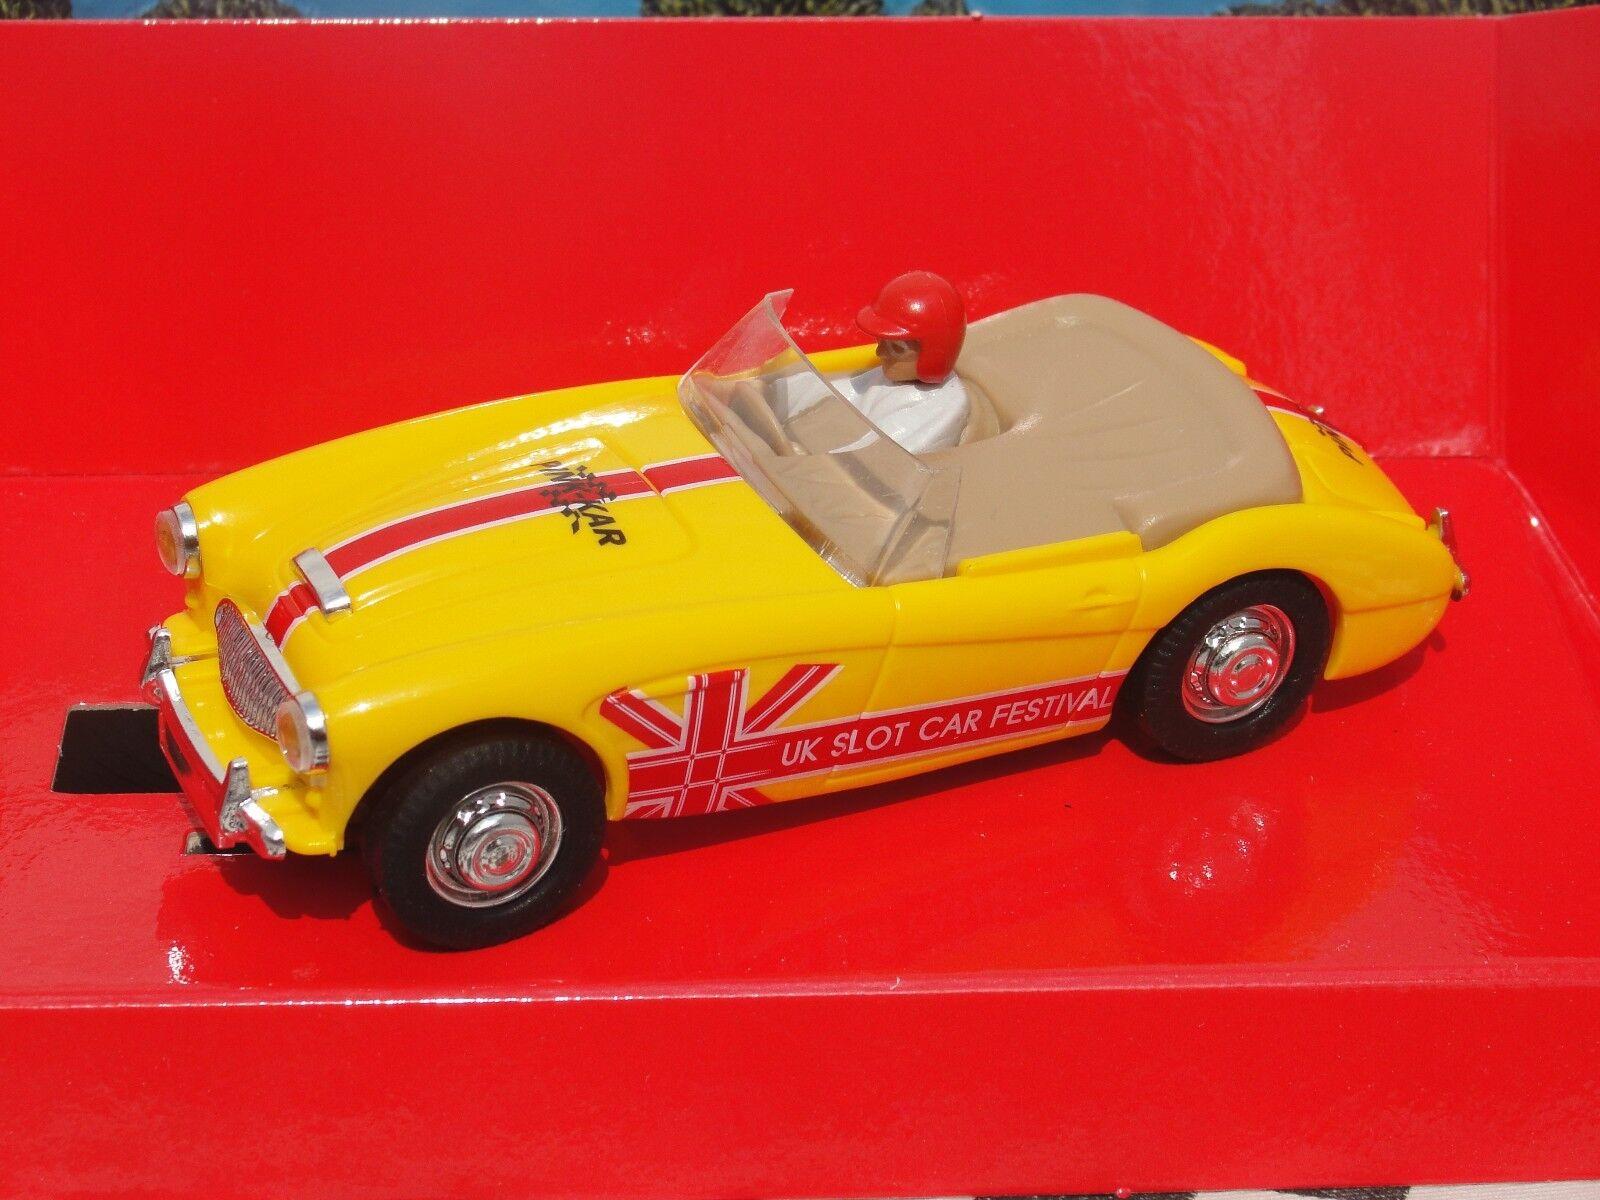 PINK KAR AUSTIN HEALEY 3000 'UK SLOT CAR FESTIVAL'  CC 021  SLOT BNIB LE